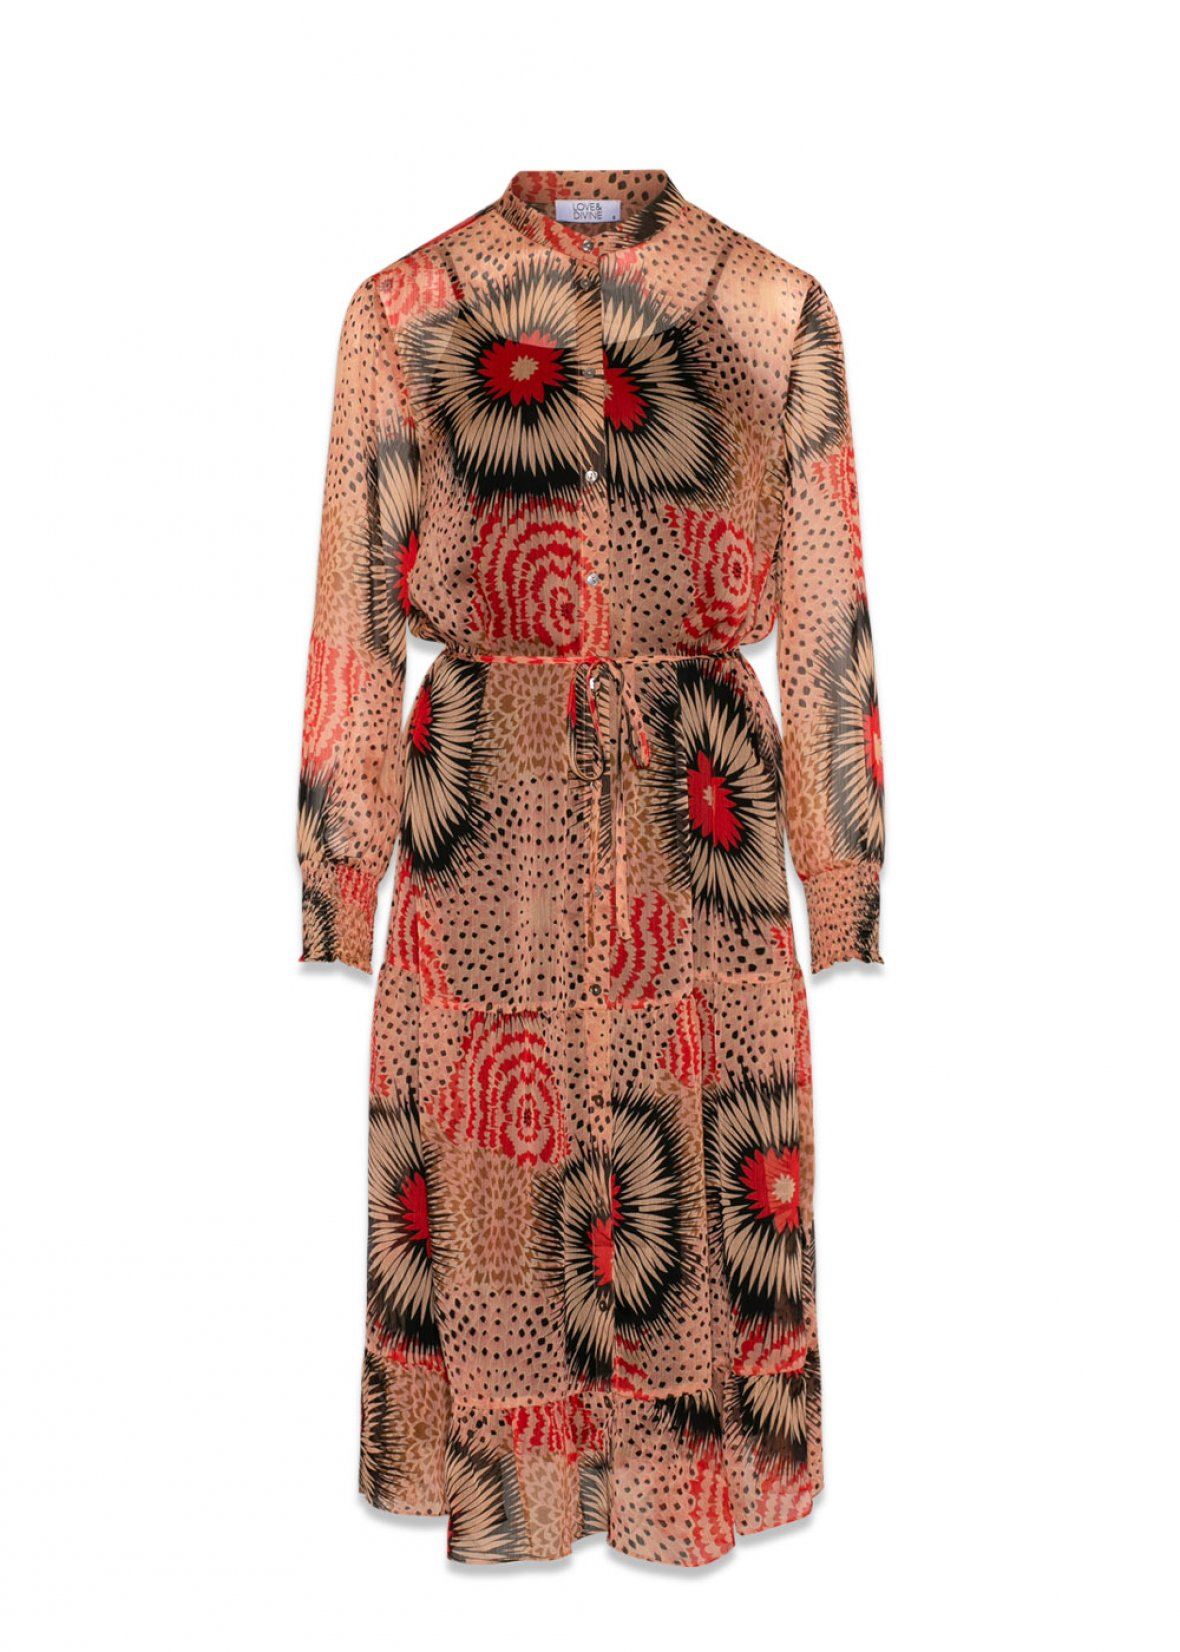 17a6a88c Love & Divine lang kjole – Love & Divine kjole med mønster – Mio Trend